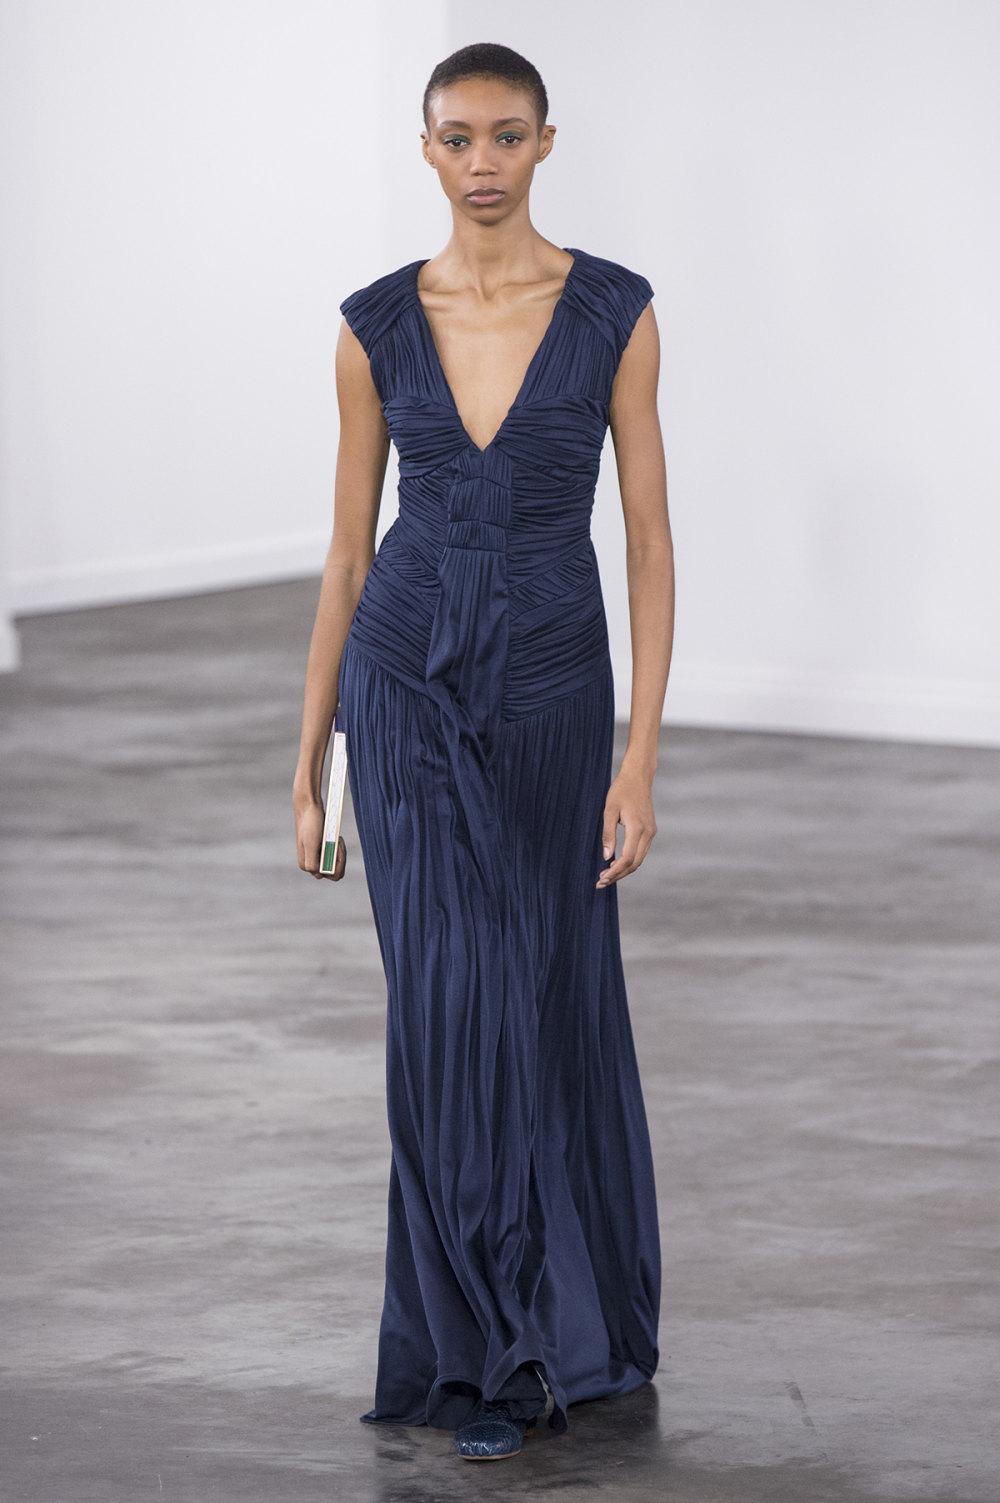 Gabriela Hearst时装系列细条纹西装和宽大毛衣之间形成鲜明对比-30.jpg